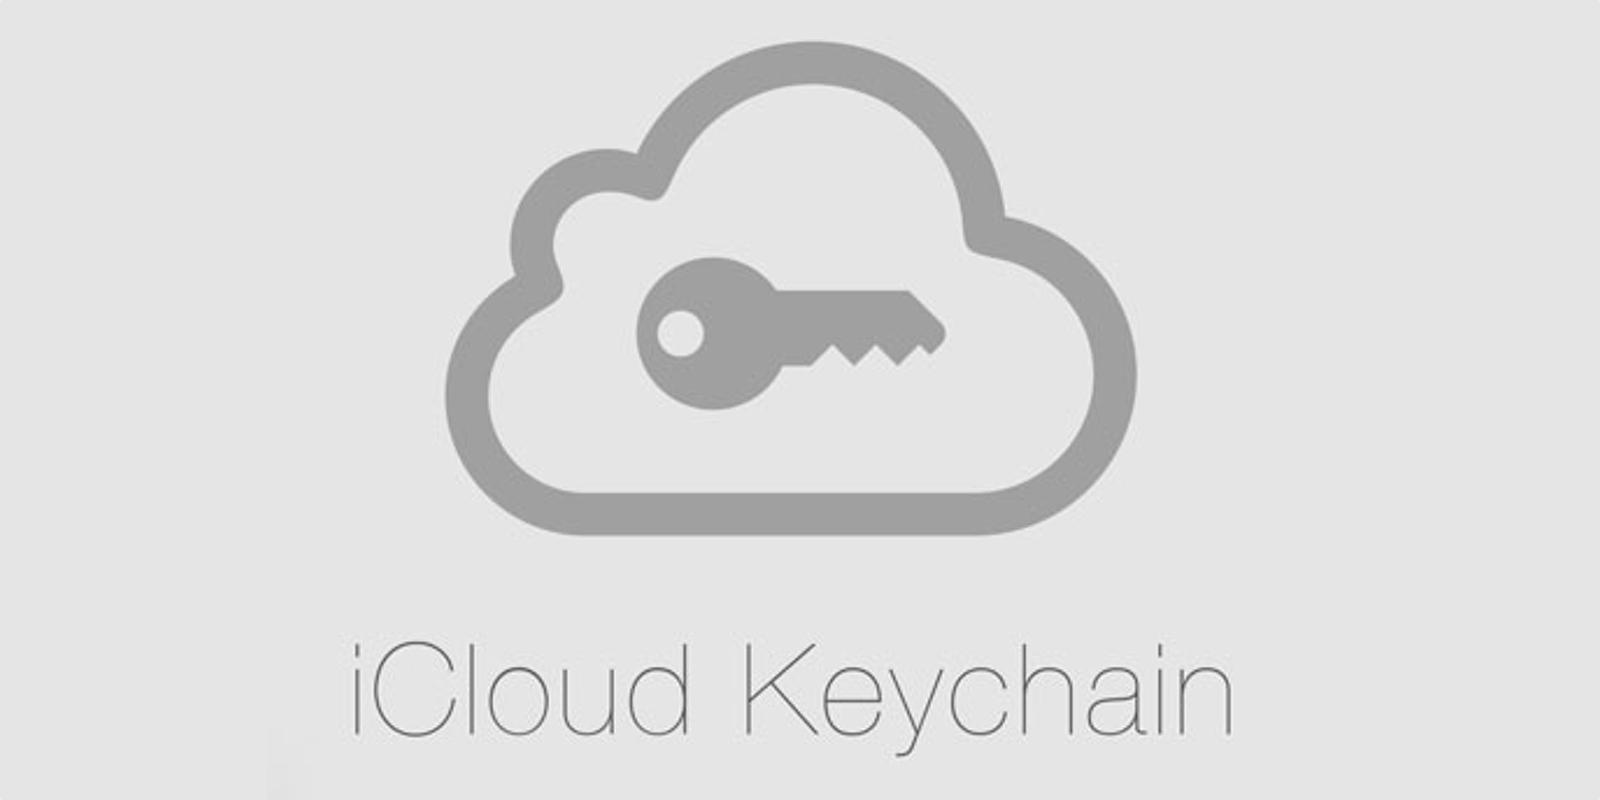 1password vs lastpass icloud keychain